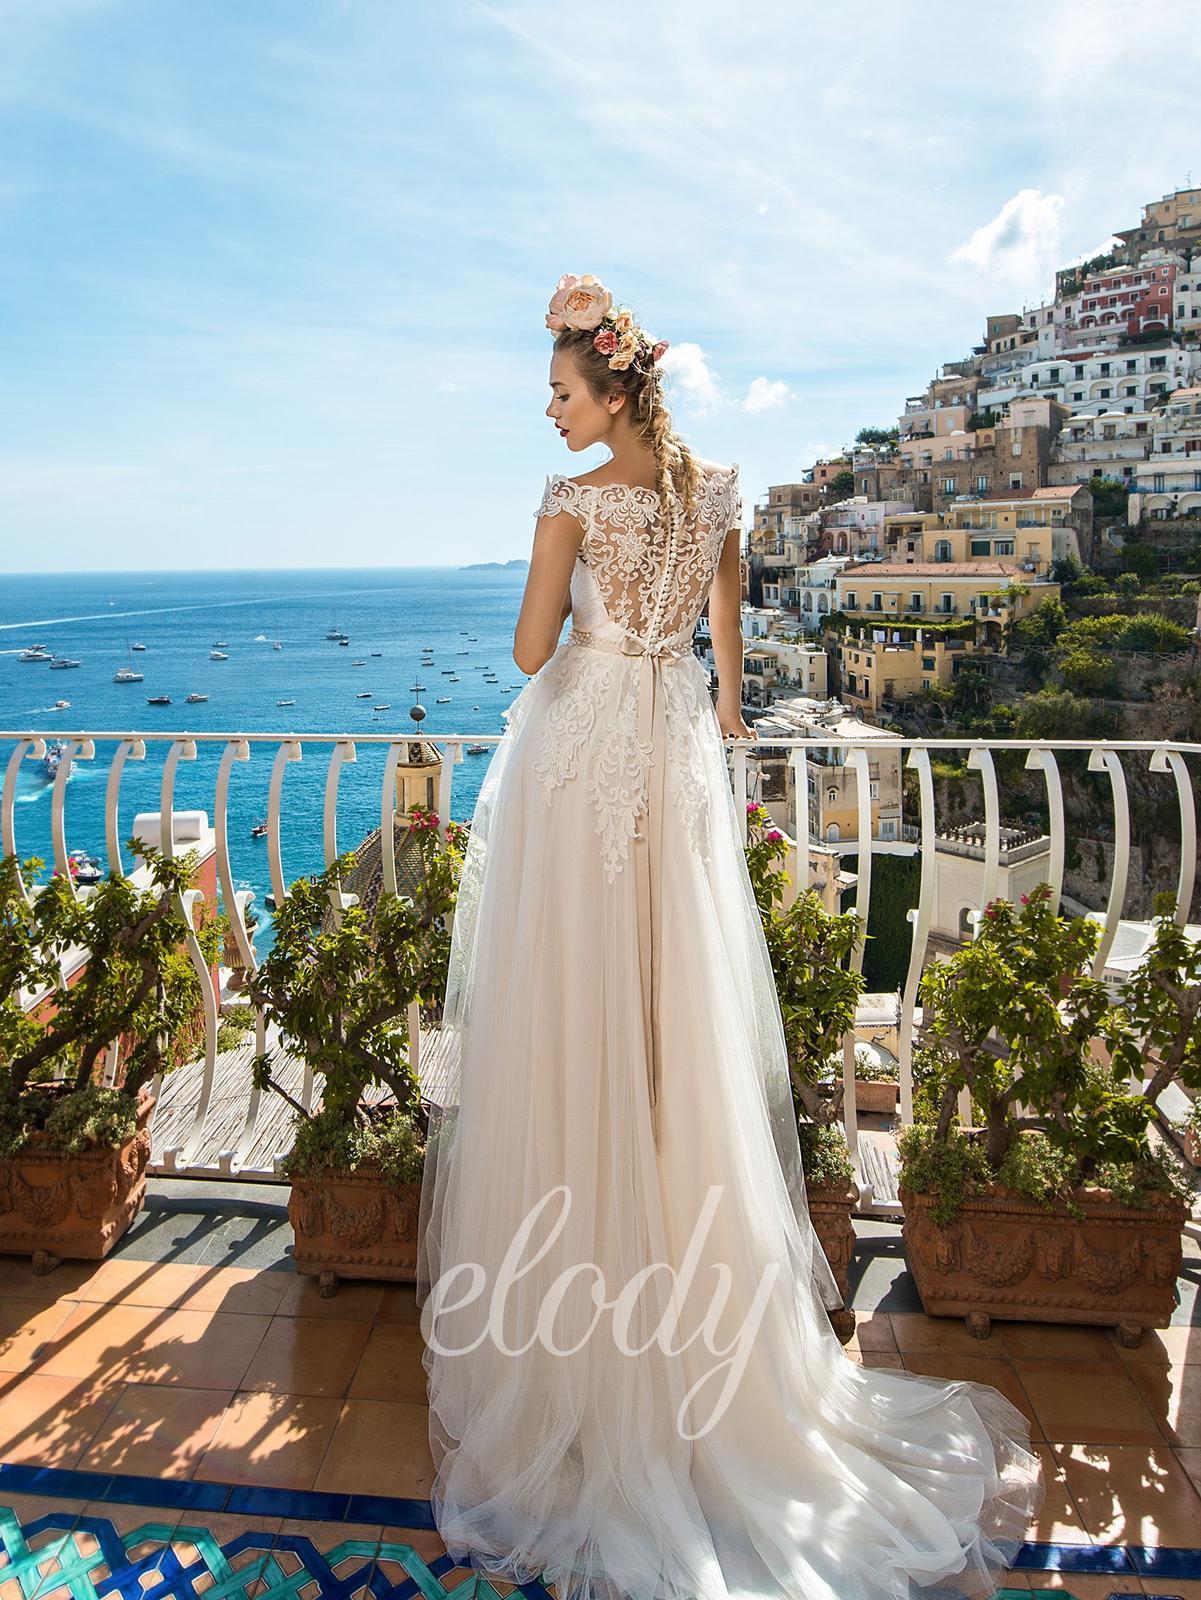 Na prodej krásné, jednou použité svatební šaty zn.ELODY ve vel. 40. Prodejní cena 8400 Kč. Budete-li mít o tyto šaty zájem, zavolejte a domluvíme se na termínu - Obrázek č. 2